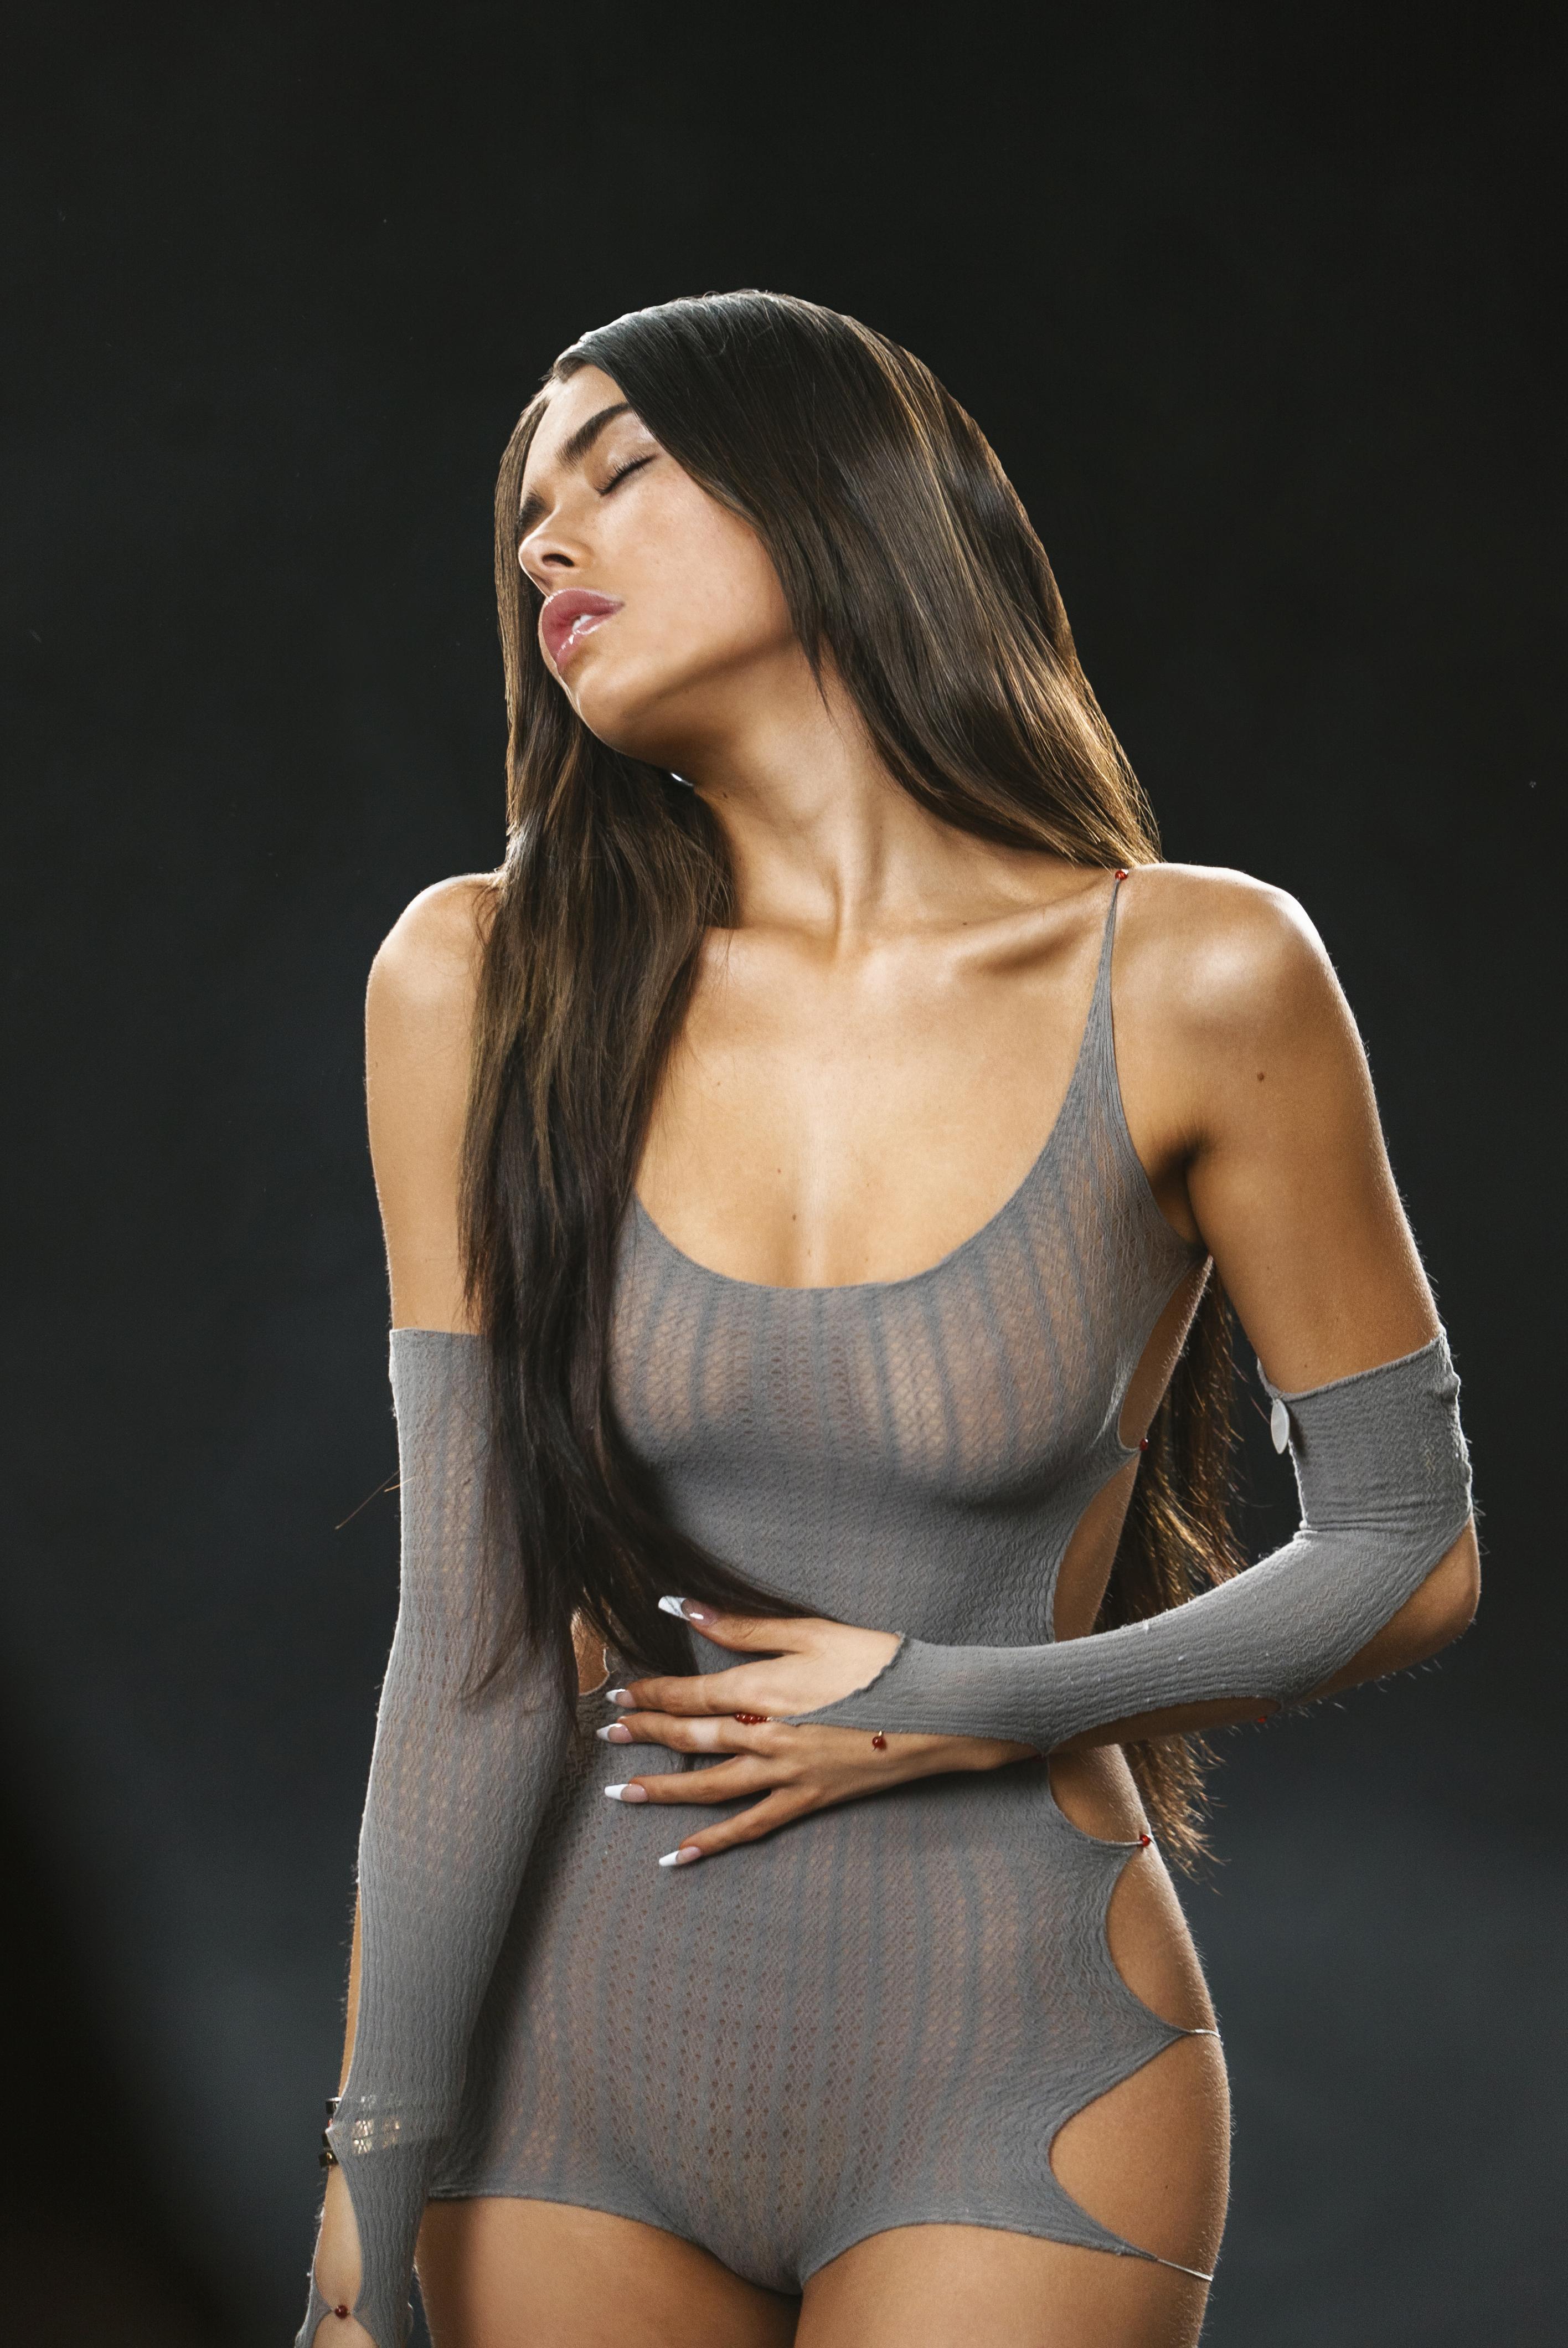 Em um fundo preto, Madison está de pé, com uma mão na barriga, com o rosto virado para a esquerda e de olhos fechados. A cantora branca e magra veste uma roupa cinza e cabelos castanhos soltos, na altura da cintura.